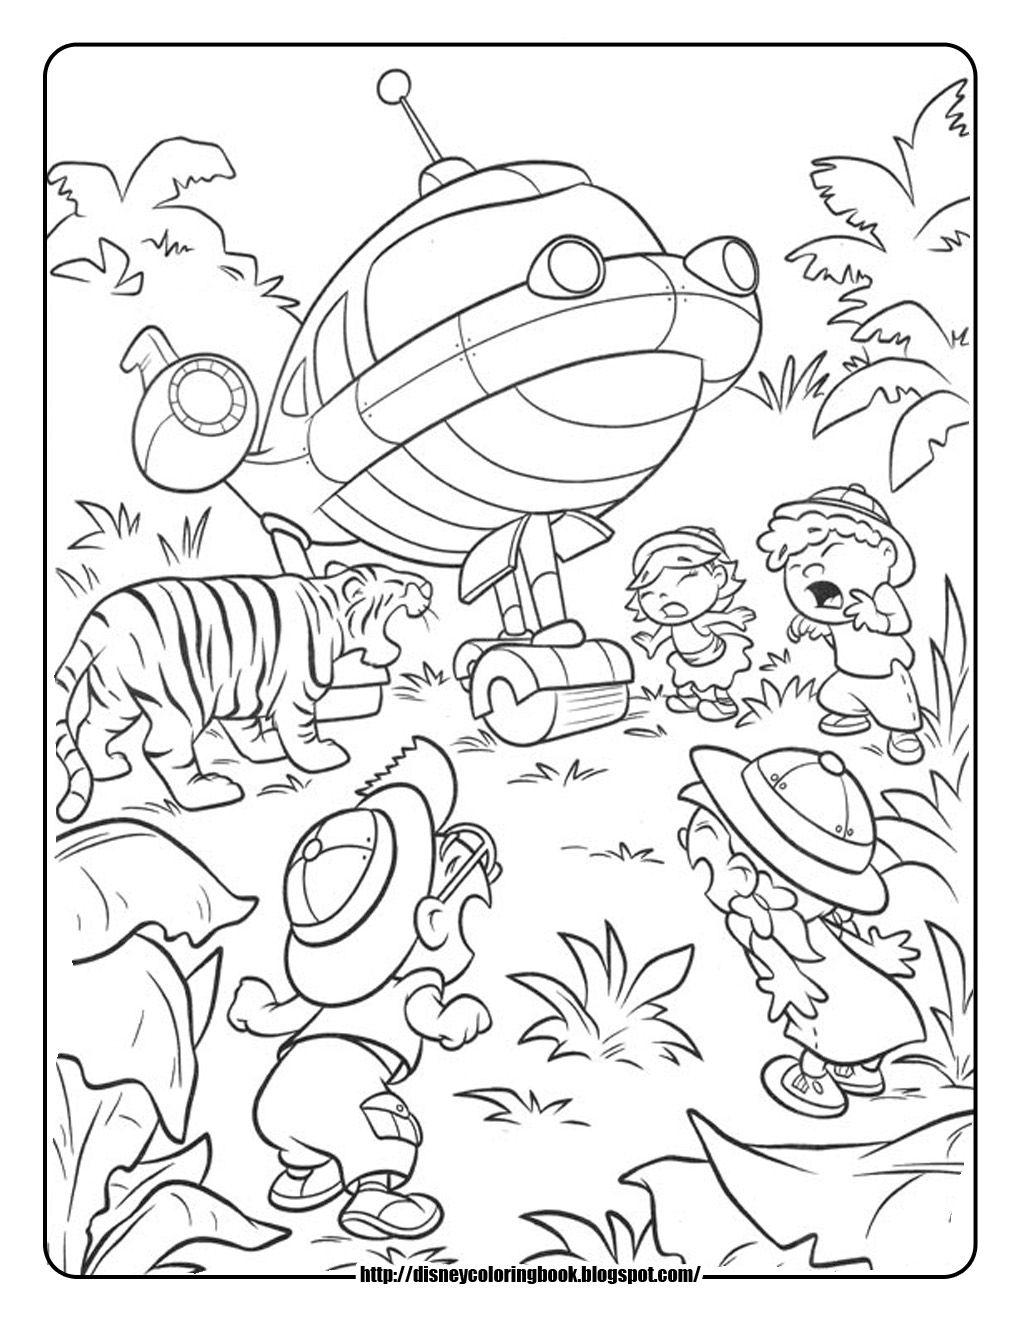 Épinglé par LMI KIDS Disney sur Disney : coloring pages & games